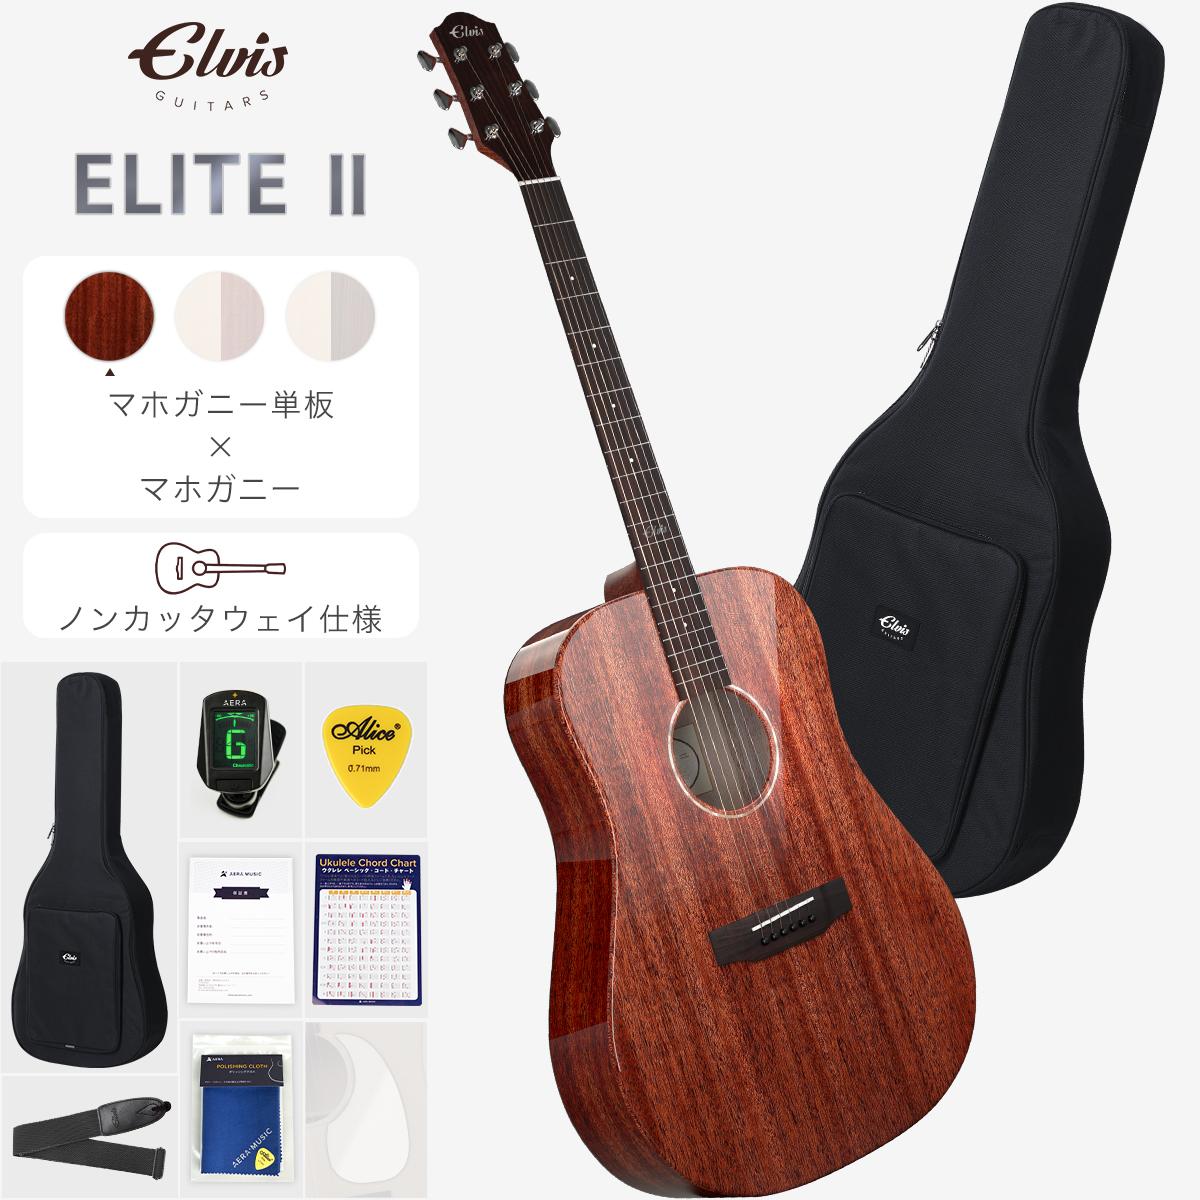 【今だけ10%OFF!】ELVISエルビス Elite2(エリート2)アコースティック ギター【マホガニー材トップ単板】【ノンカッタウェイ仕様】【付属品8点セット:国内保証書・チューナー・ピックガード・コードチャート・ピック・ストラップ・ポリシングクロース・純正ギグバッグ】